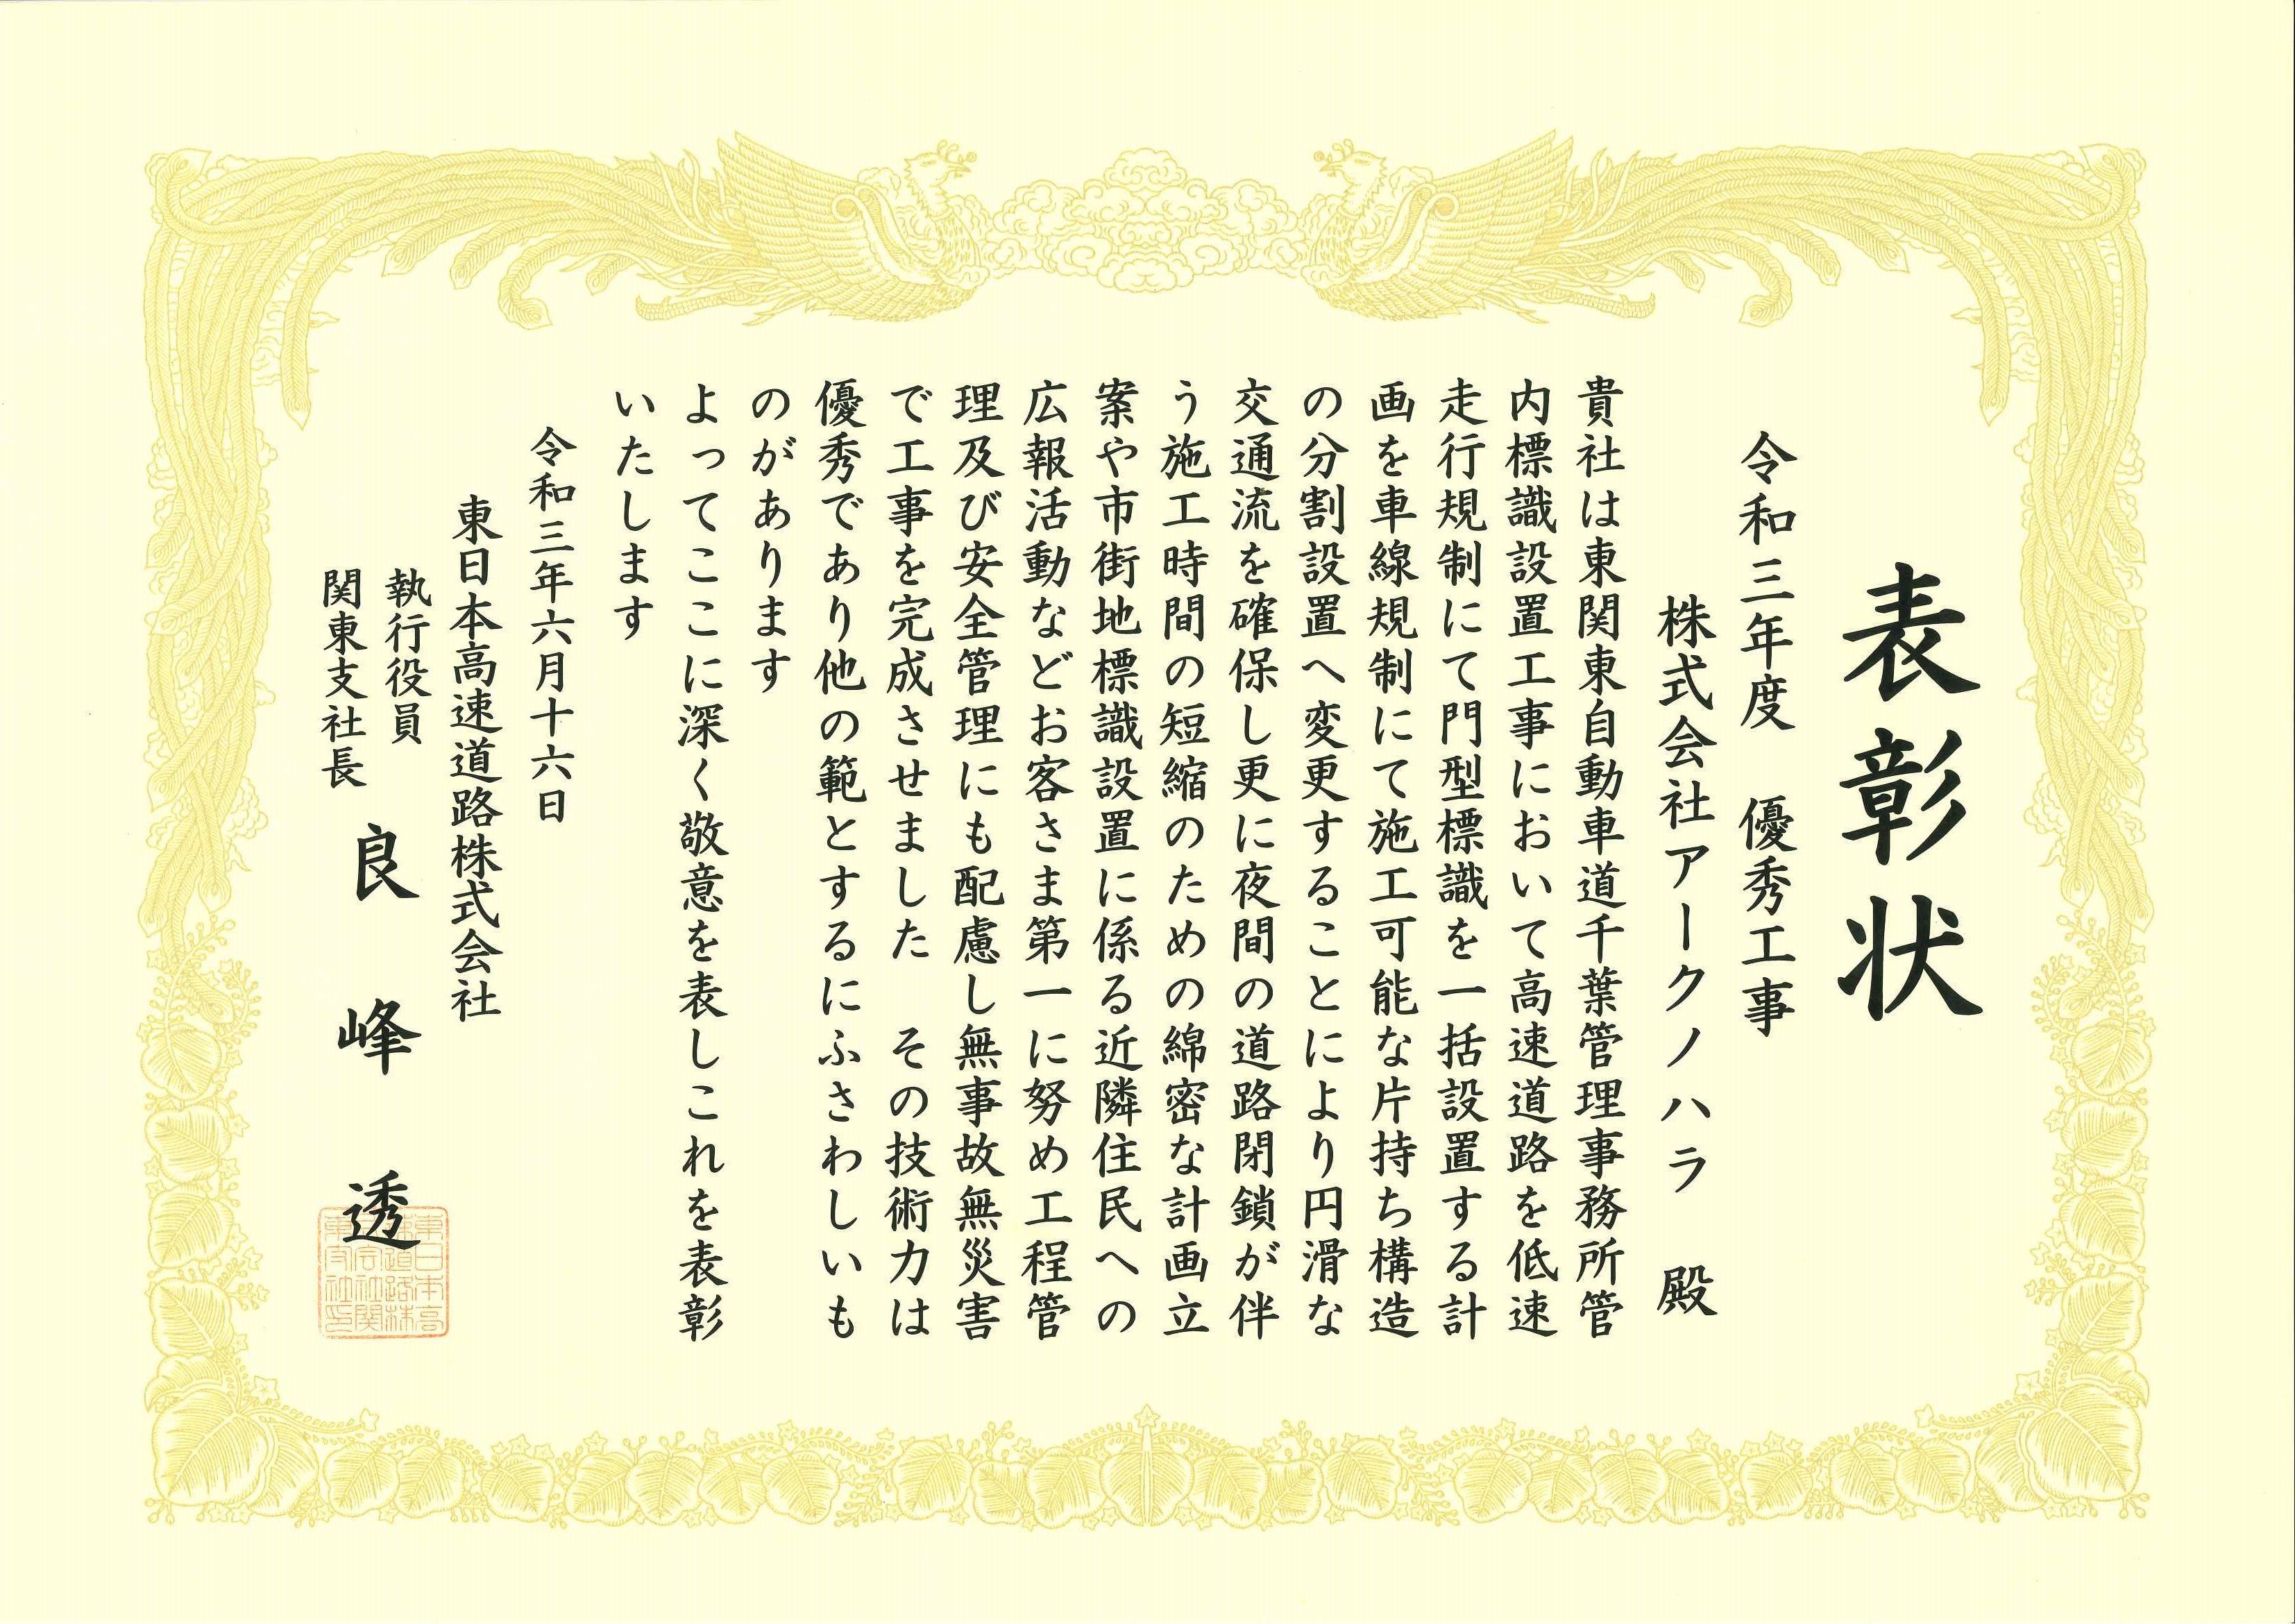 東日本高速道路株式会社様より、優秀工事(支社長表彰)を受賞致しました。